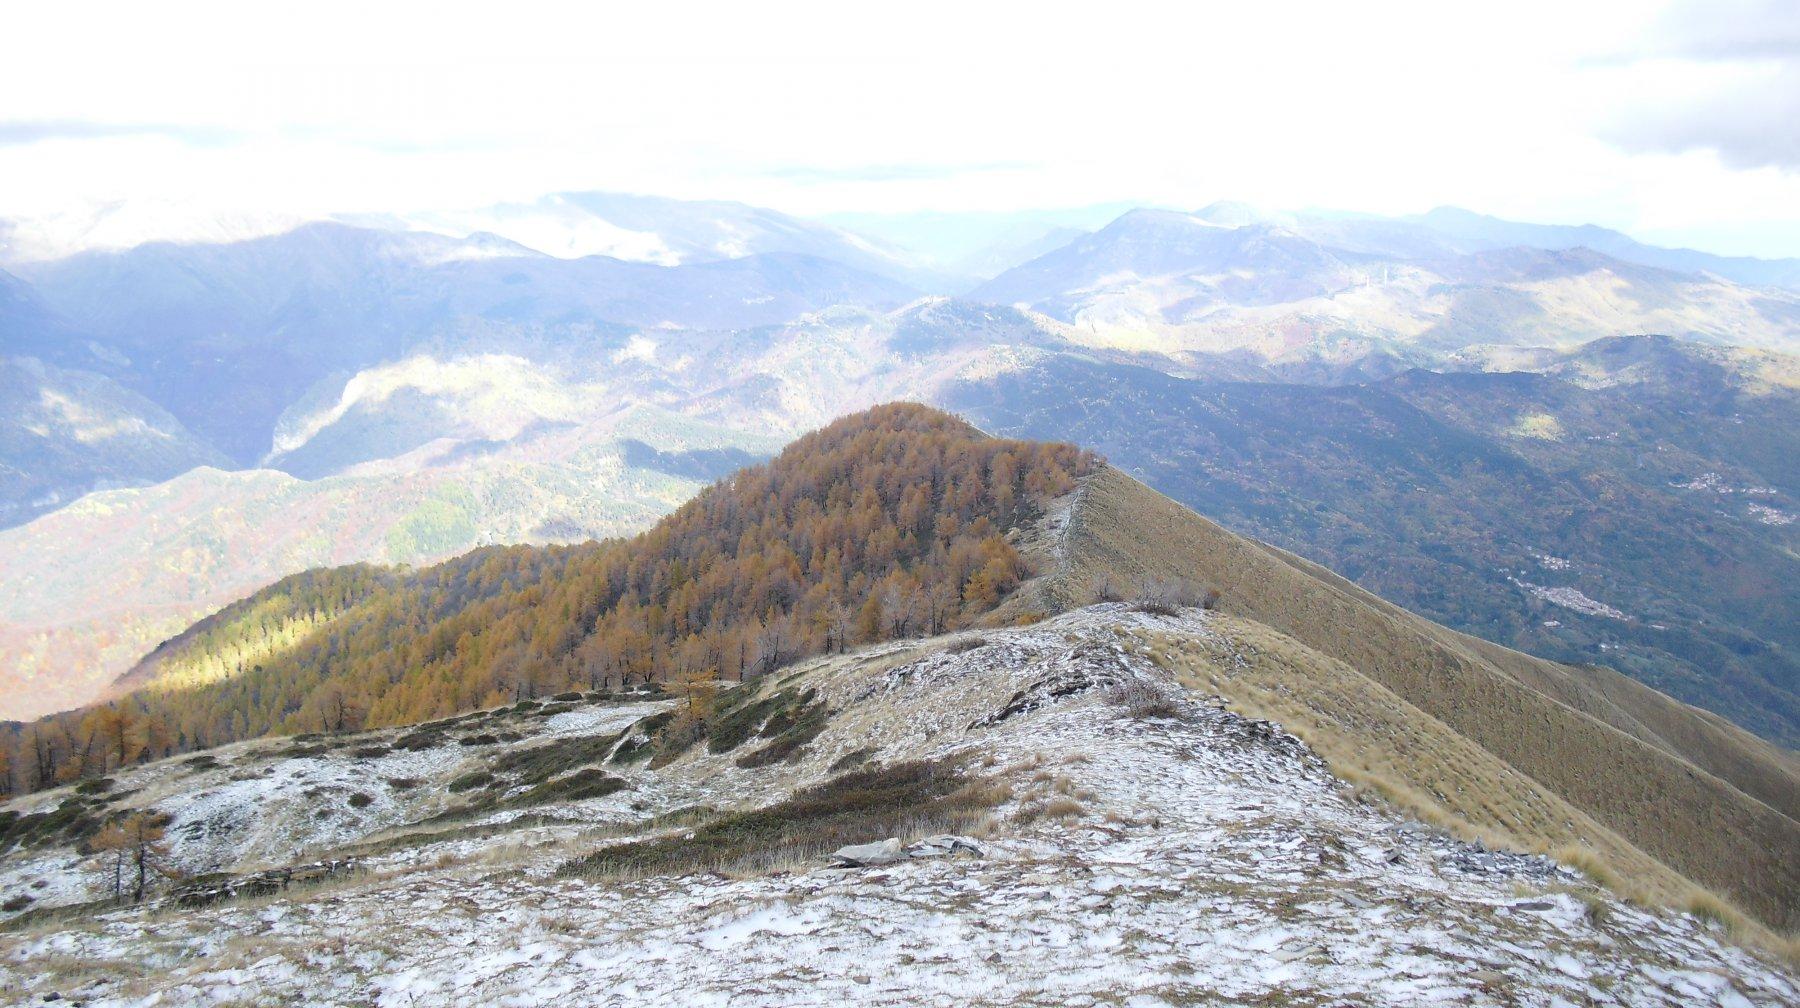 Frontè (Monte) e Cima Garlenda da Mendatica, anello per le Cascate dell'Arroscia 2015-10-29